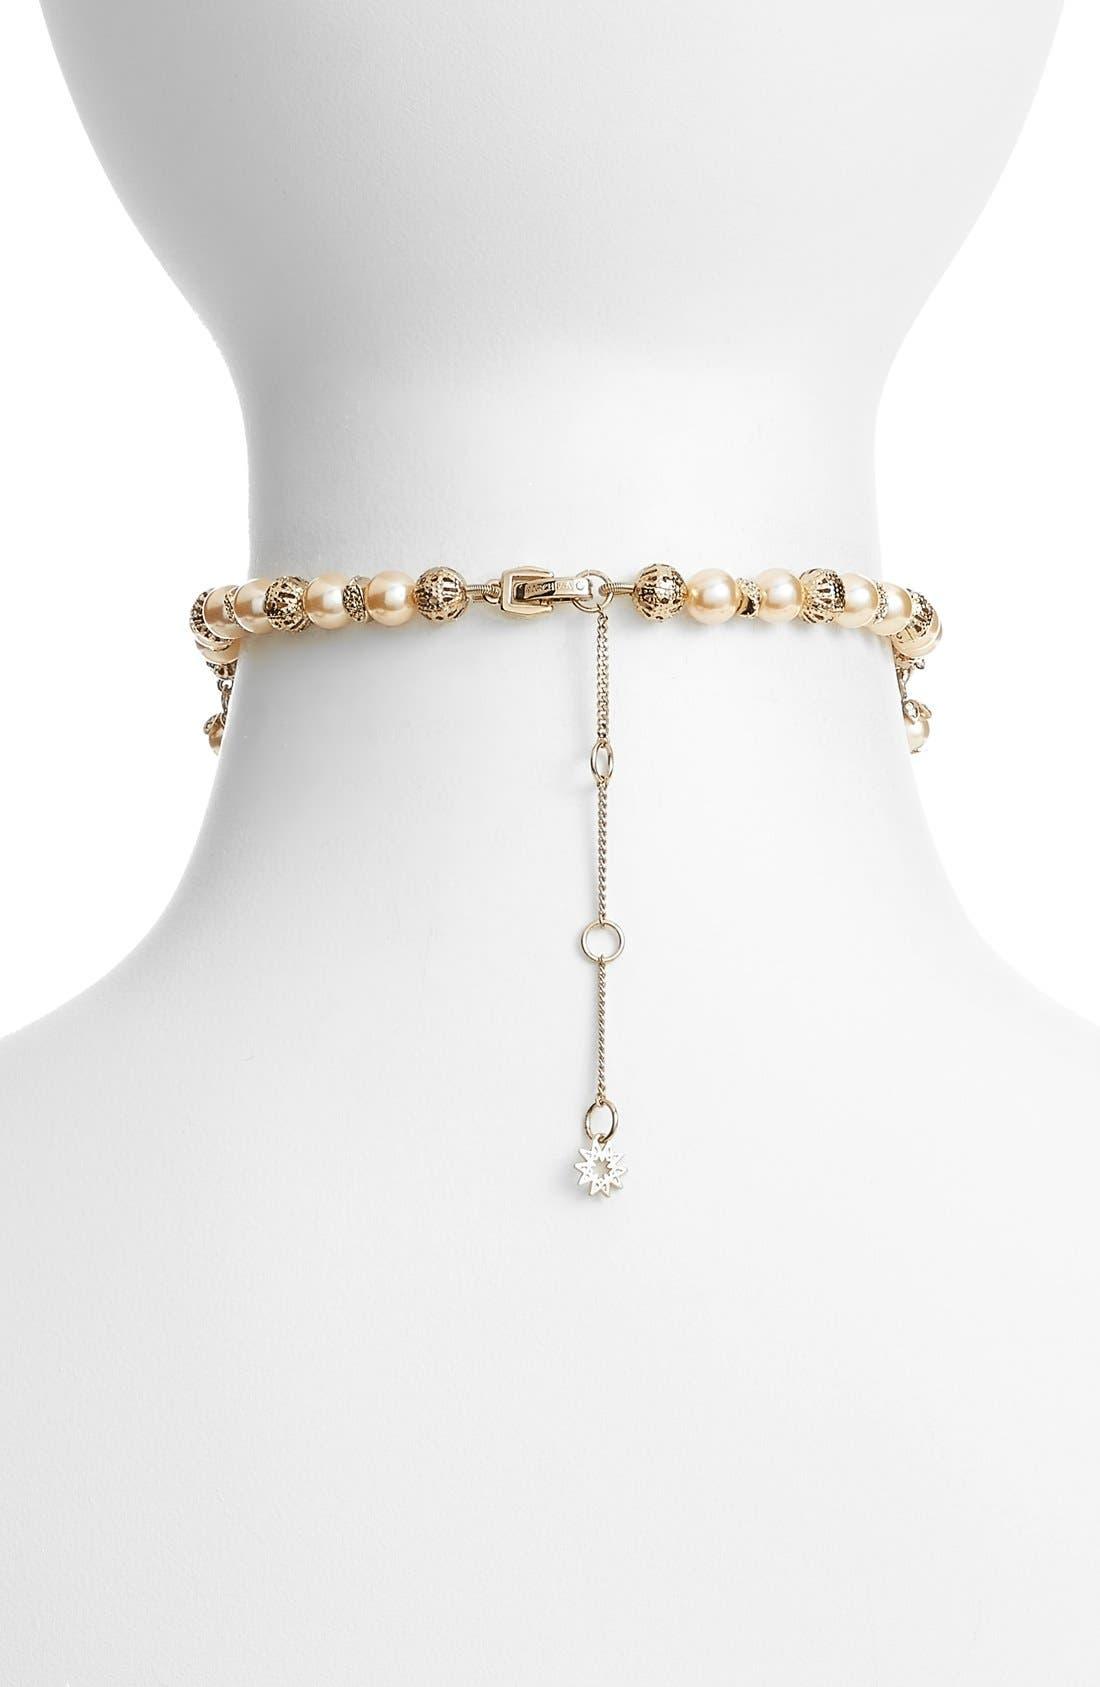 Imitation Pearl Choker Necklace,                             Main thumbnail 1, color,                             710